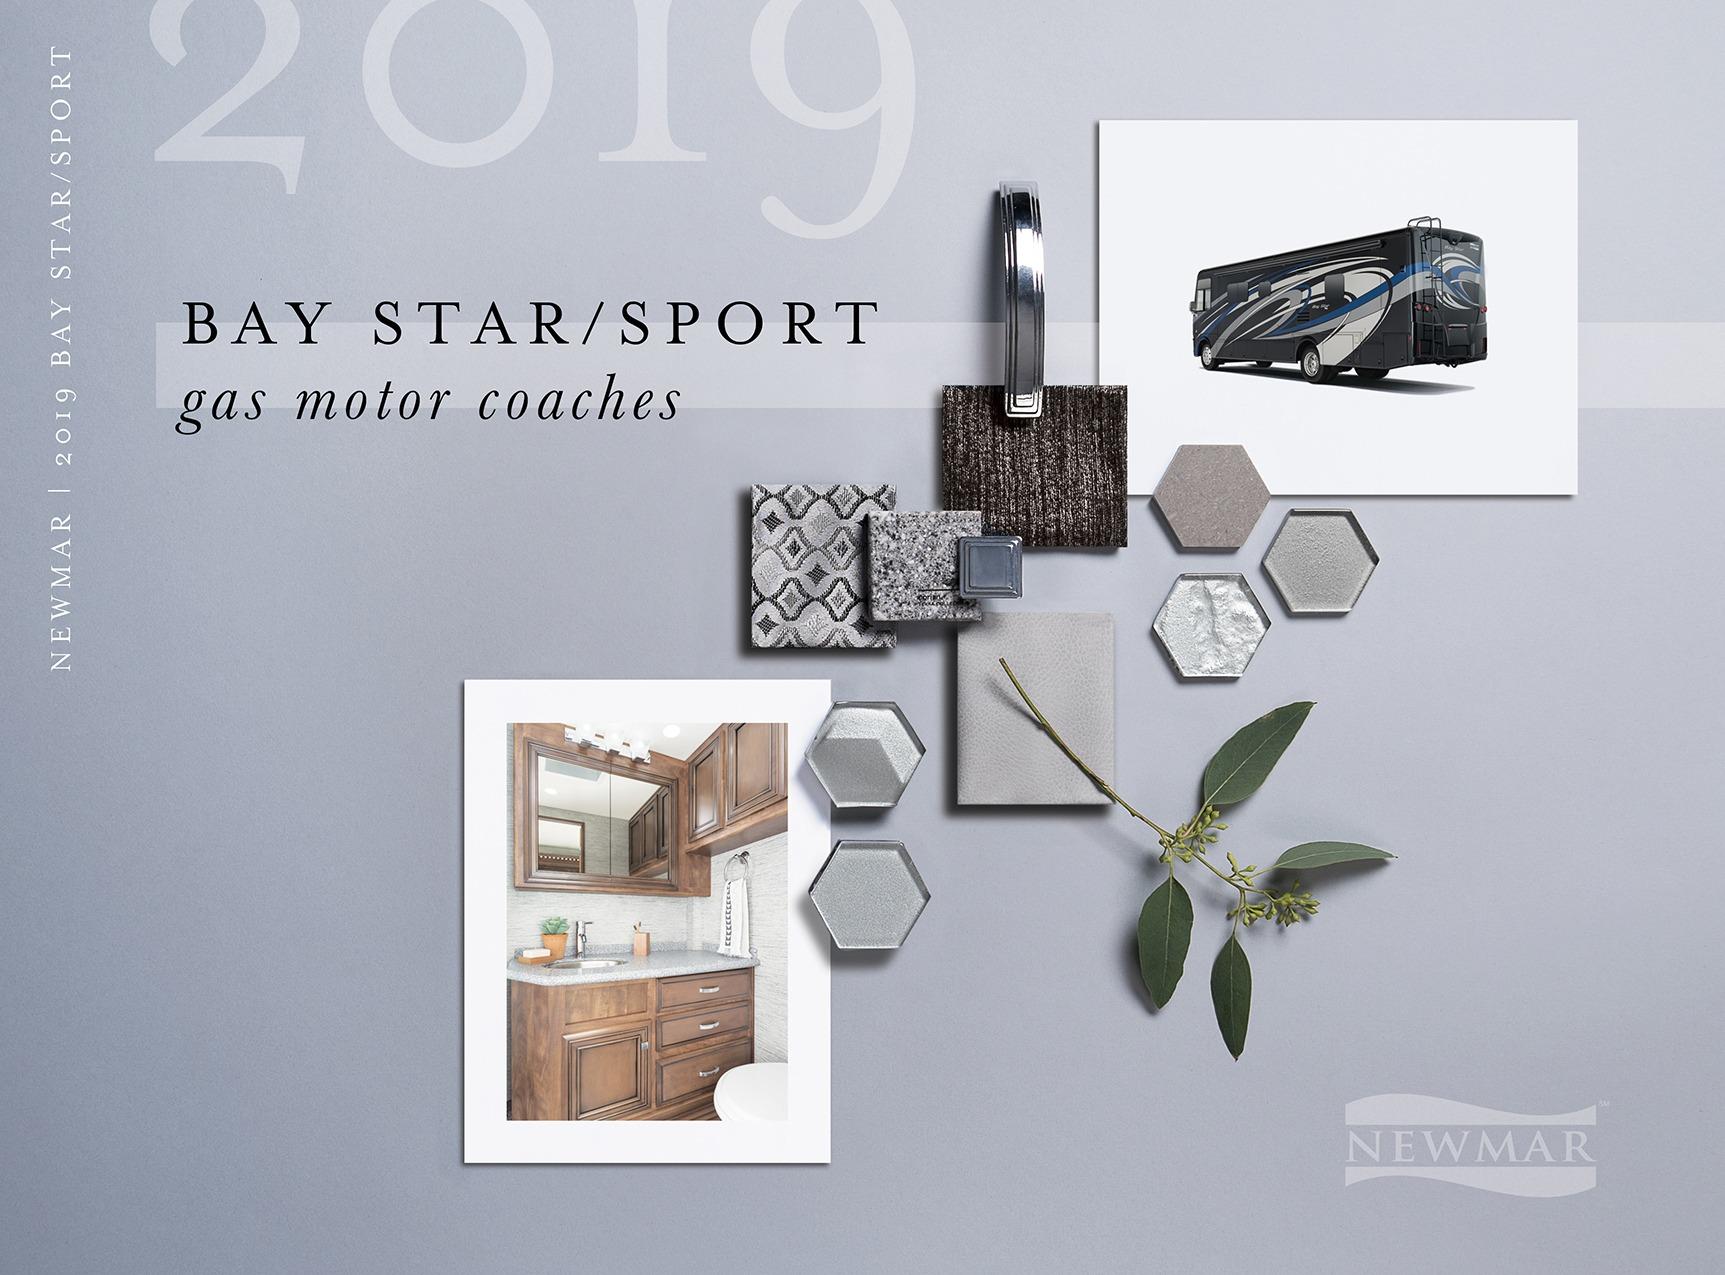 Bay Star